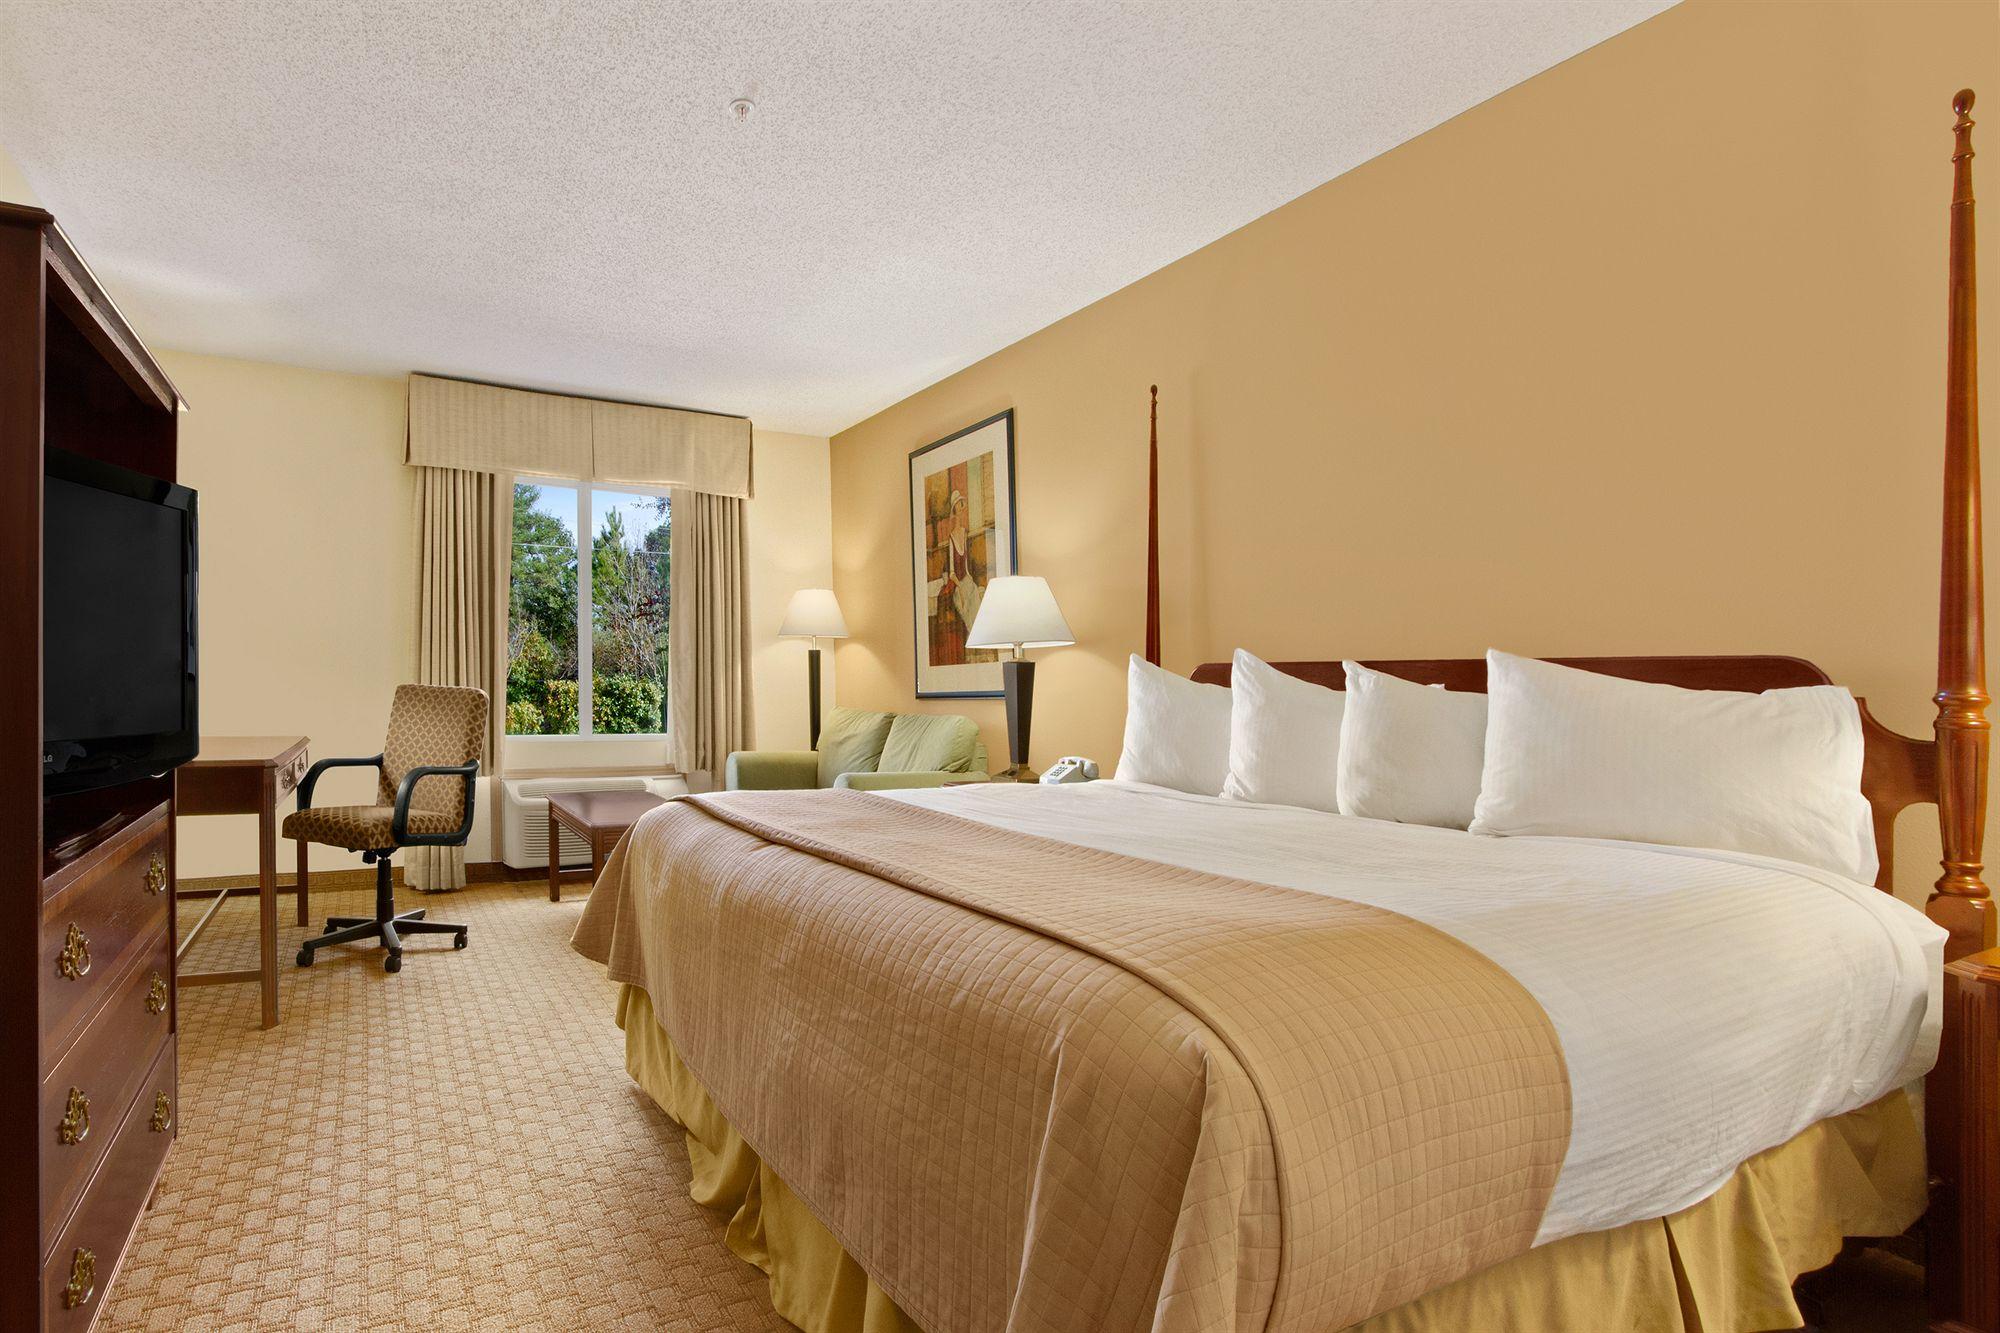 shreveport hotel coupons for shreveport louisiana. Black Bedroom Furniture Sets. Home Design Ideas